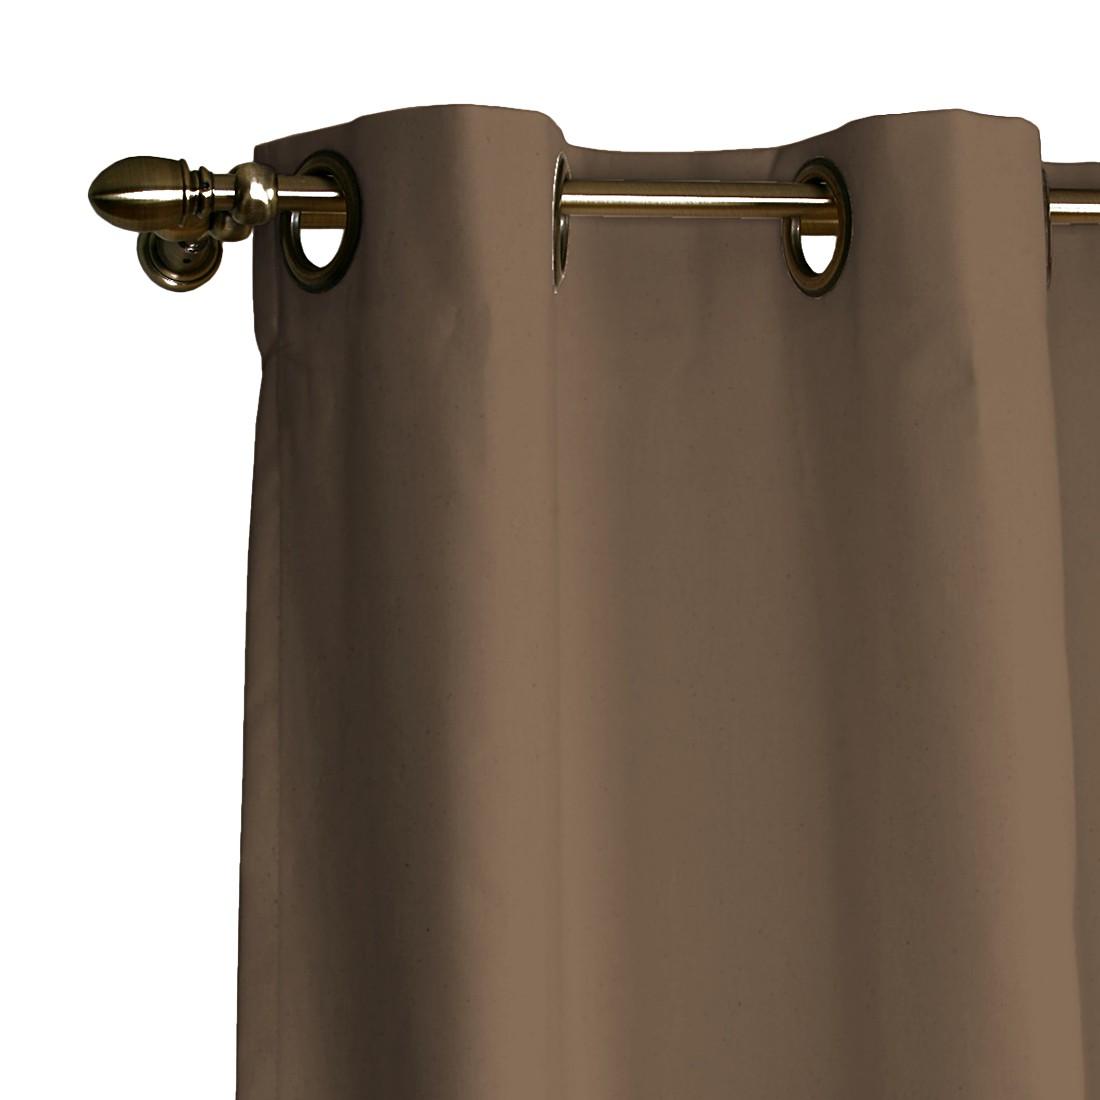 Verdunklungs-Vorhang mit Ösen – Hellbraun – 130×260 cm, Dekoria bestellen